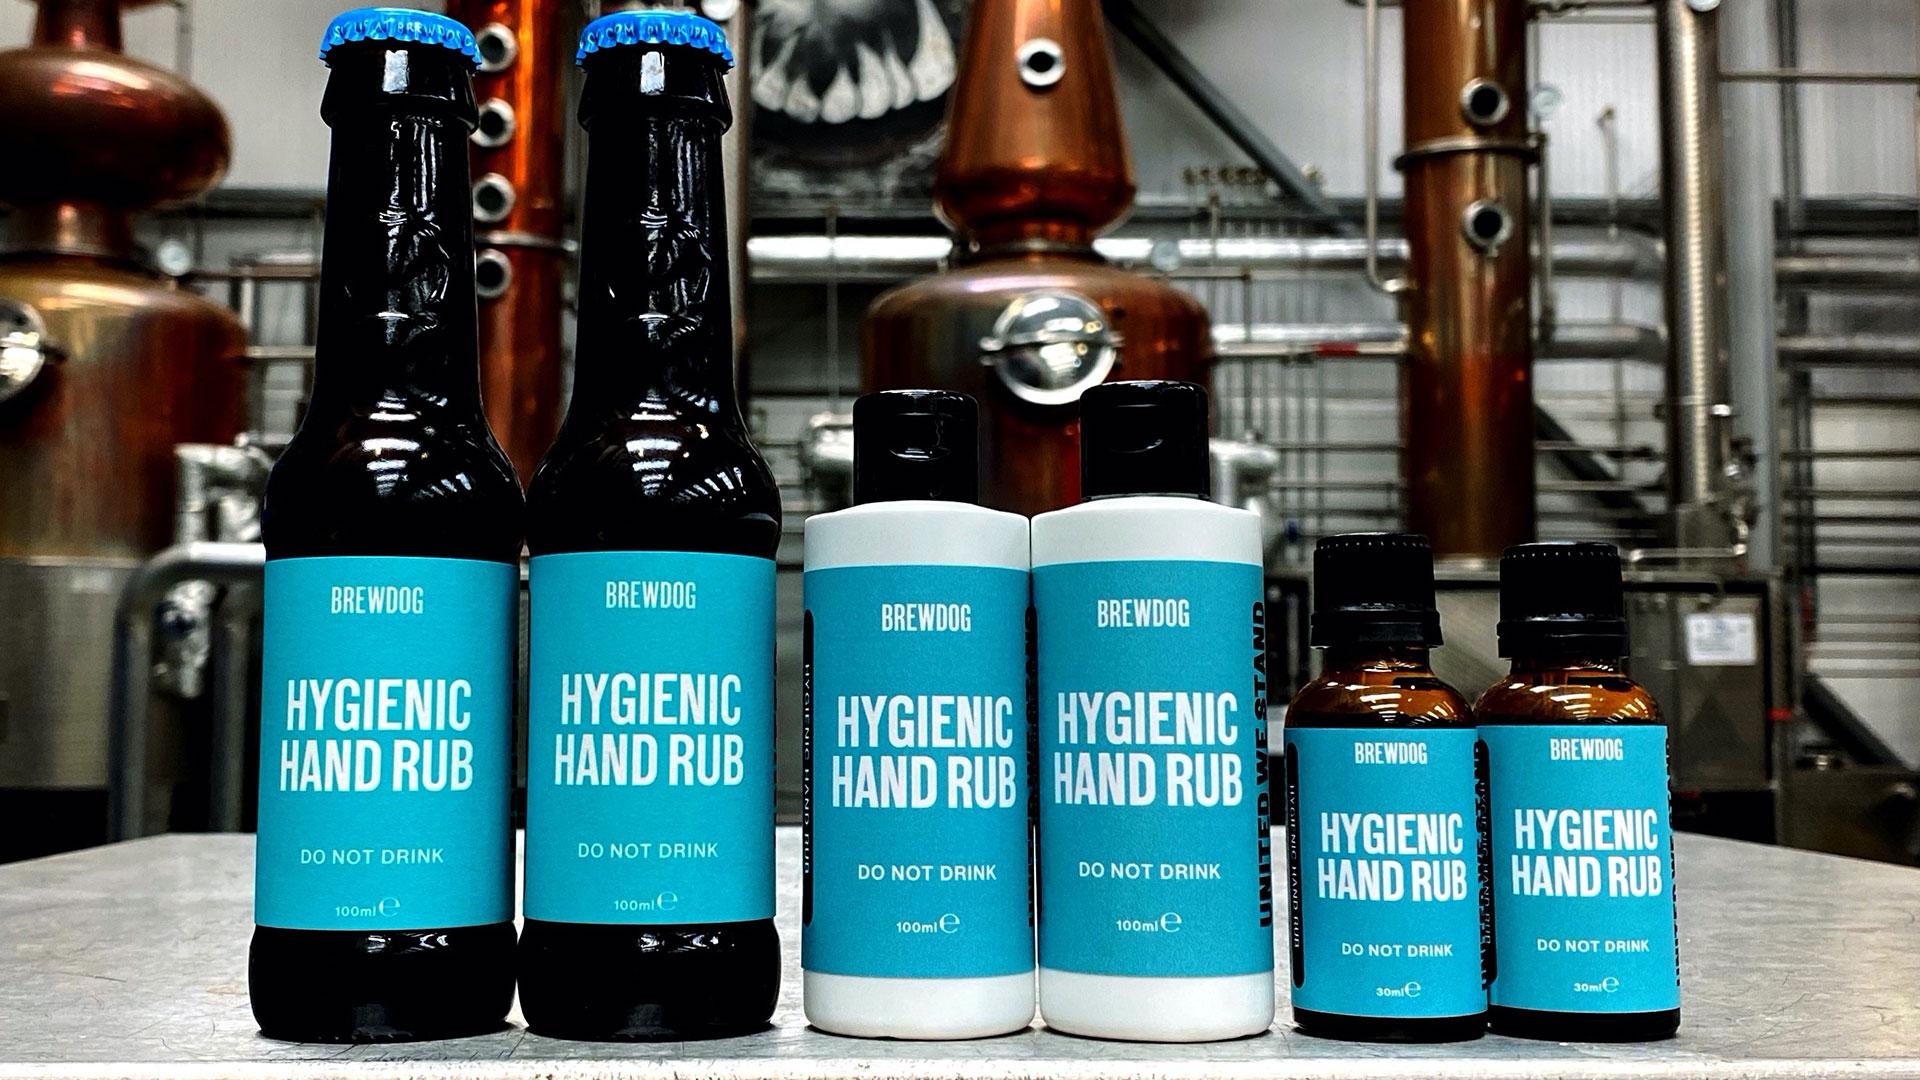 BrewDog Hygienic Hand Rub